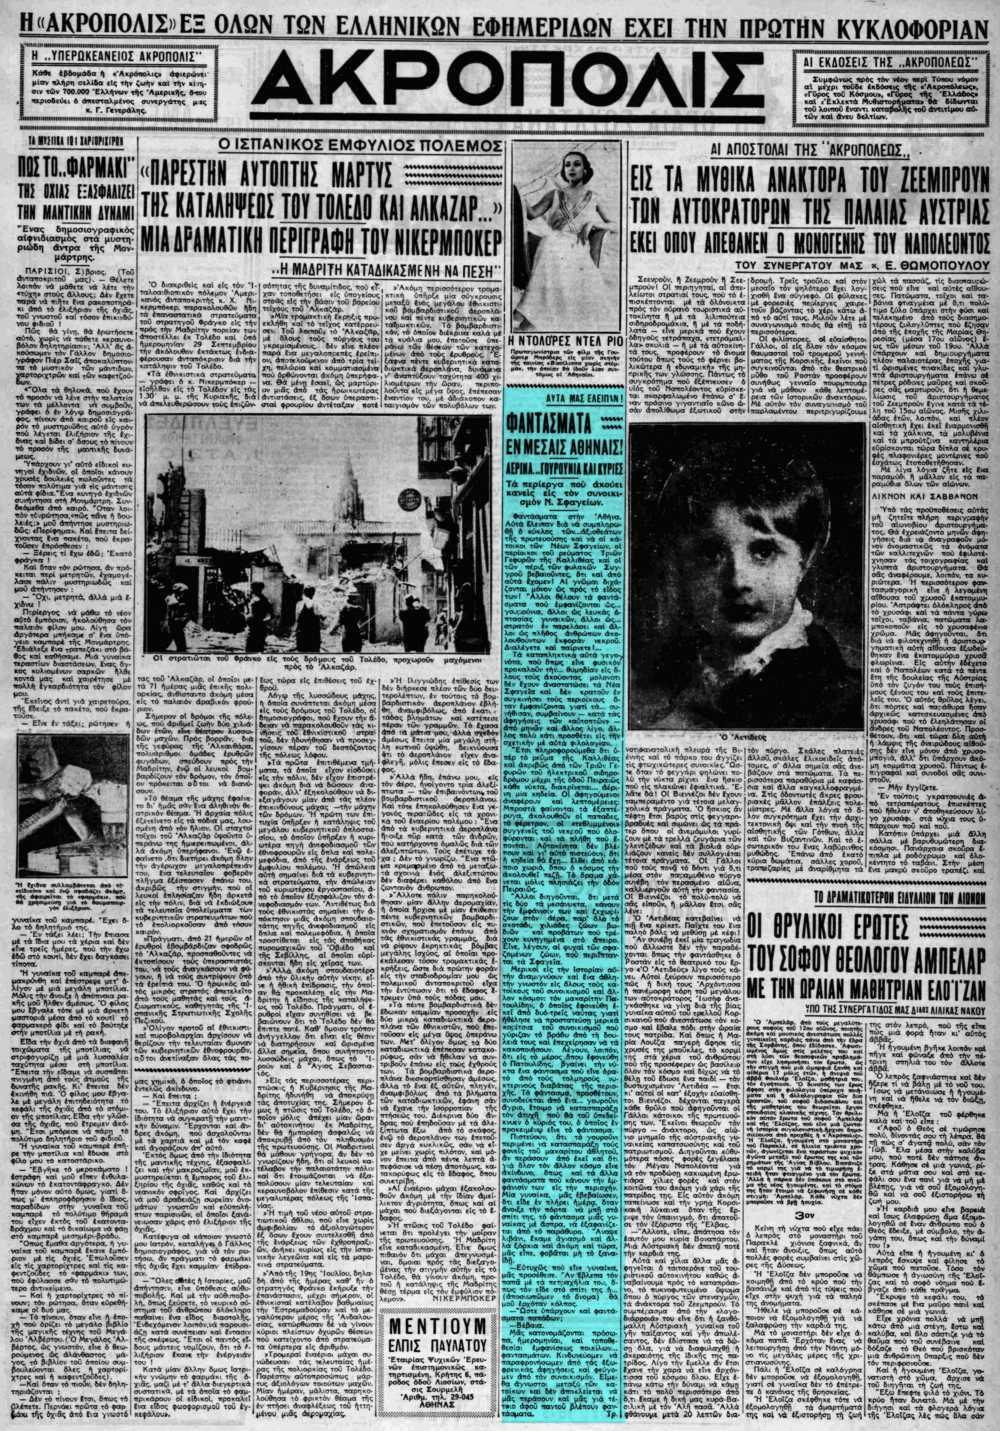 """Το άρθρο, όπως δημοσιεύθηκε στην εφημερίδα """"ΑΚΡΟΠΟΛΙΣ"""", στις 03/10/1936"""